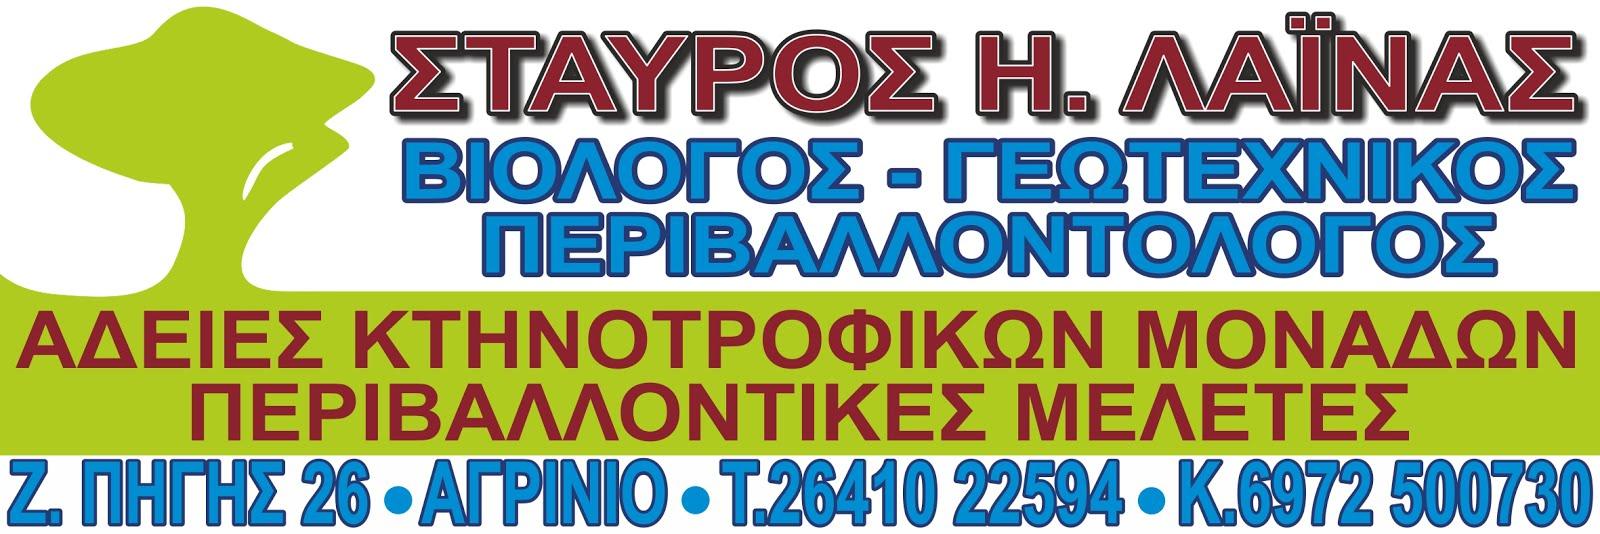 ΛΑΪΝΑΣ Η. ΣΤΑΥΡΟΣ